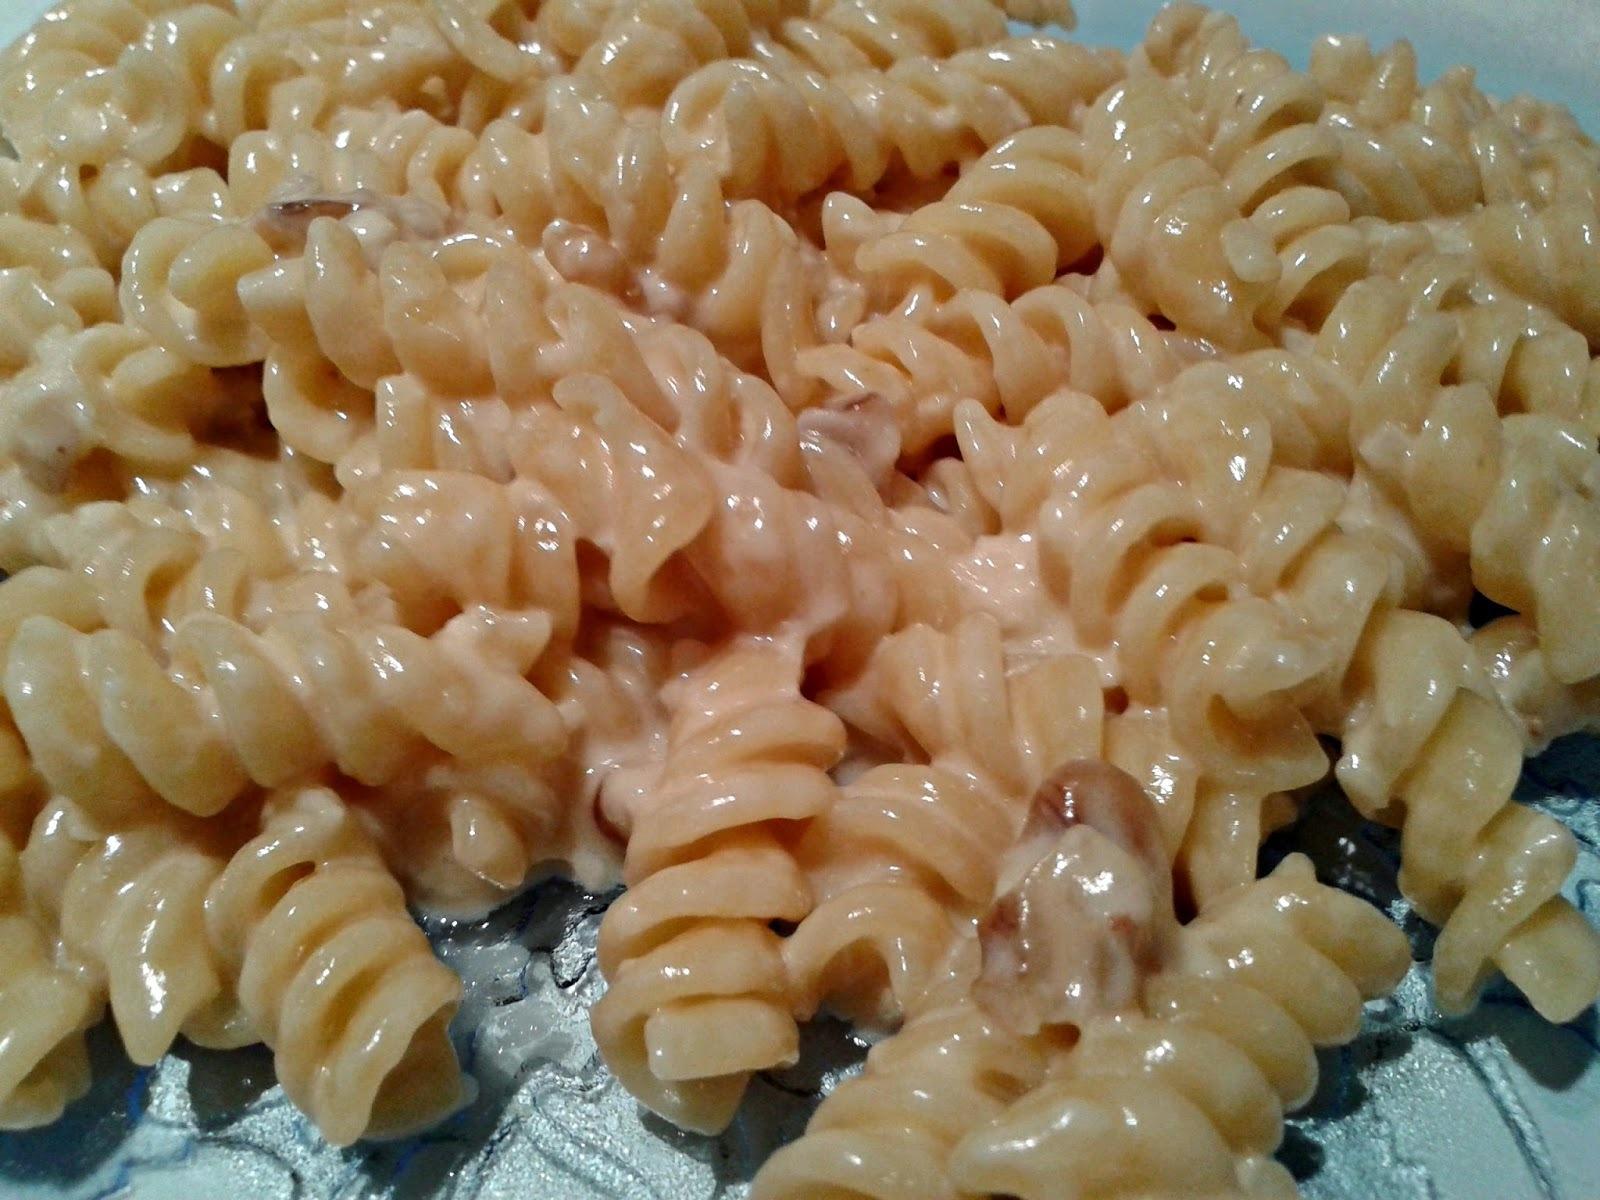 FUSILLI CON CREMA DE FORMAGGIO E NOCI (tirabuzones con crema de (6) queso y nueces)